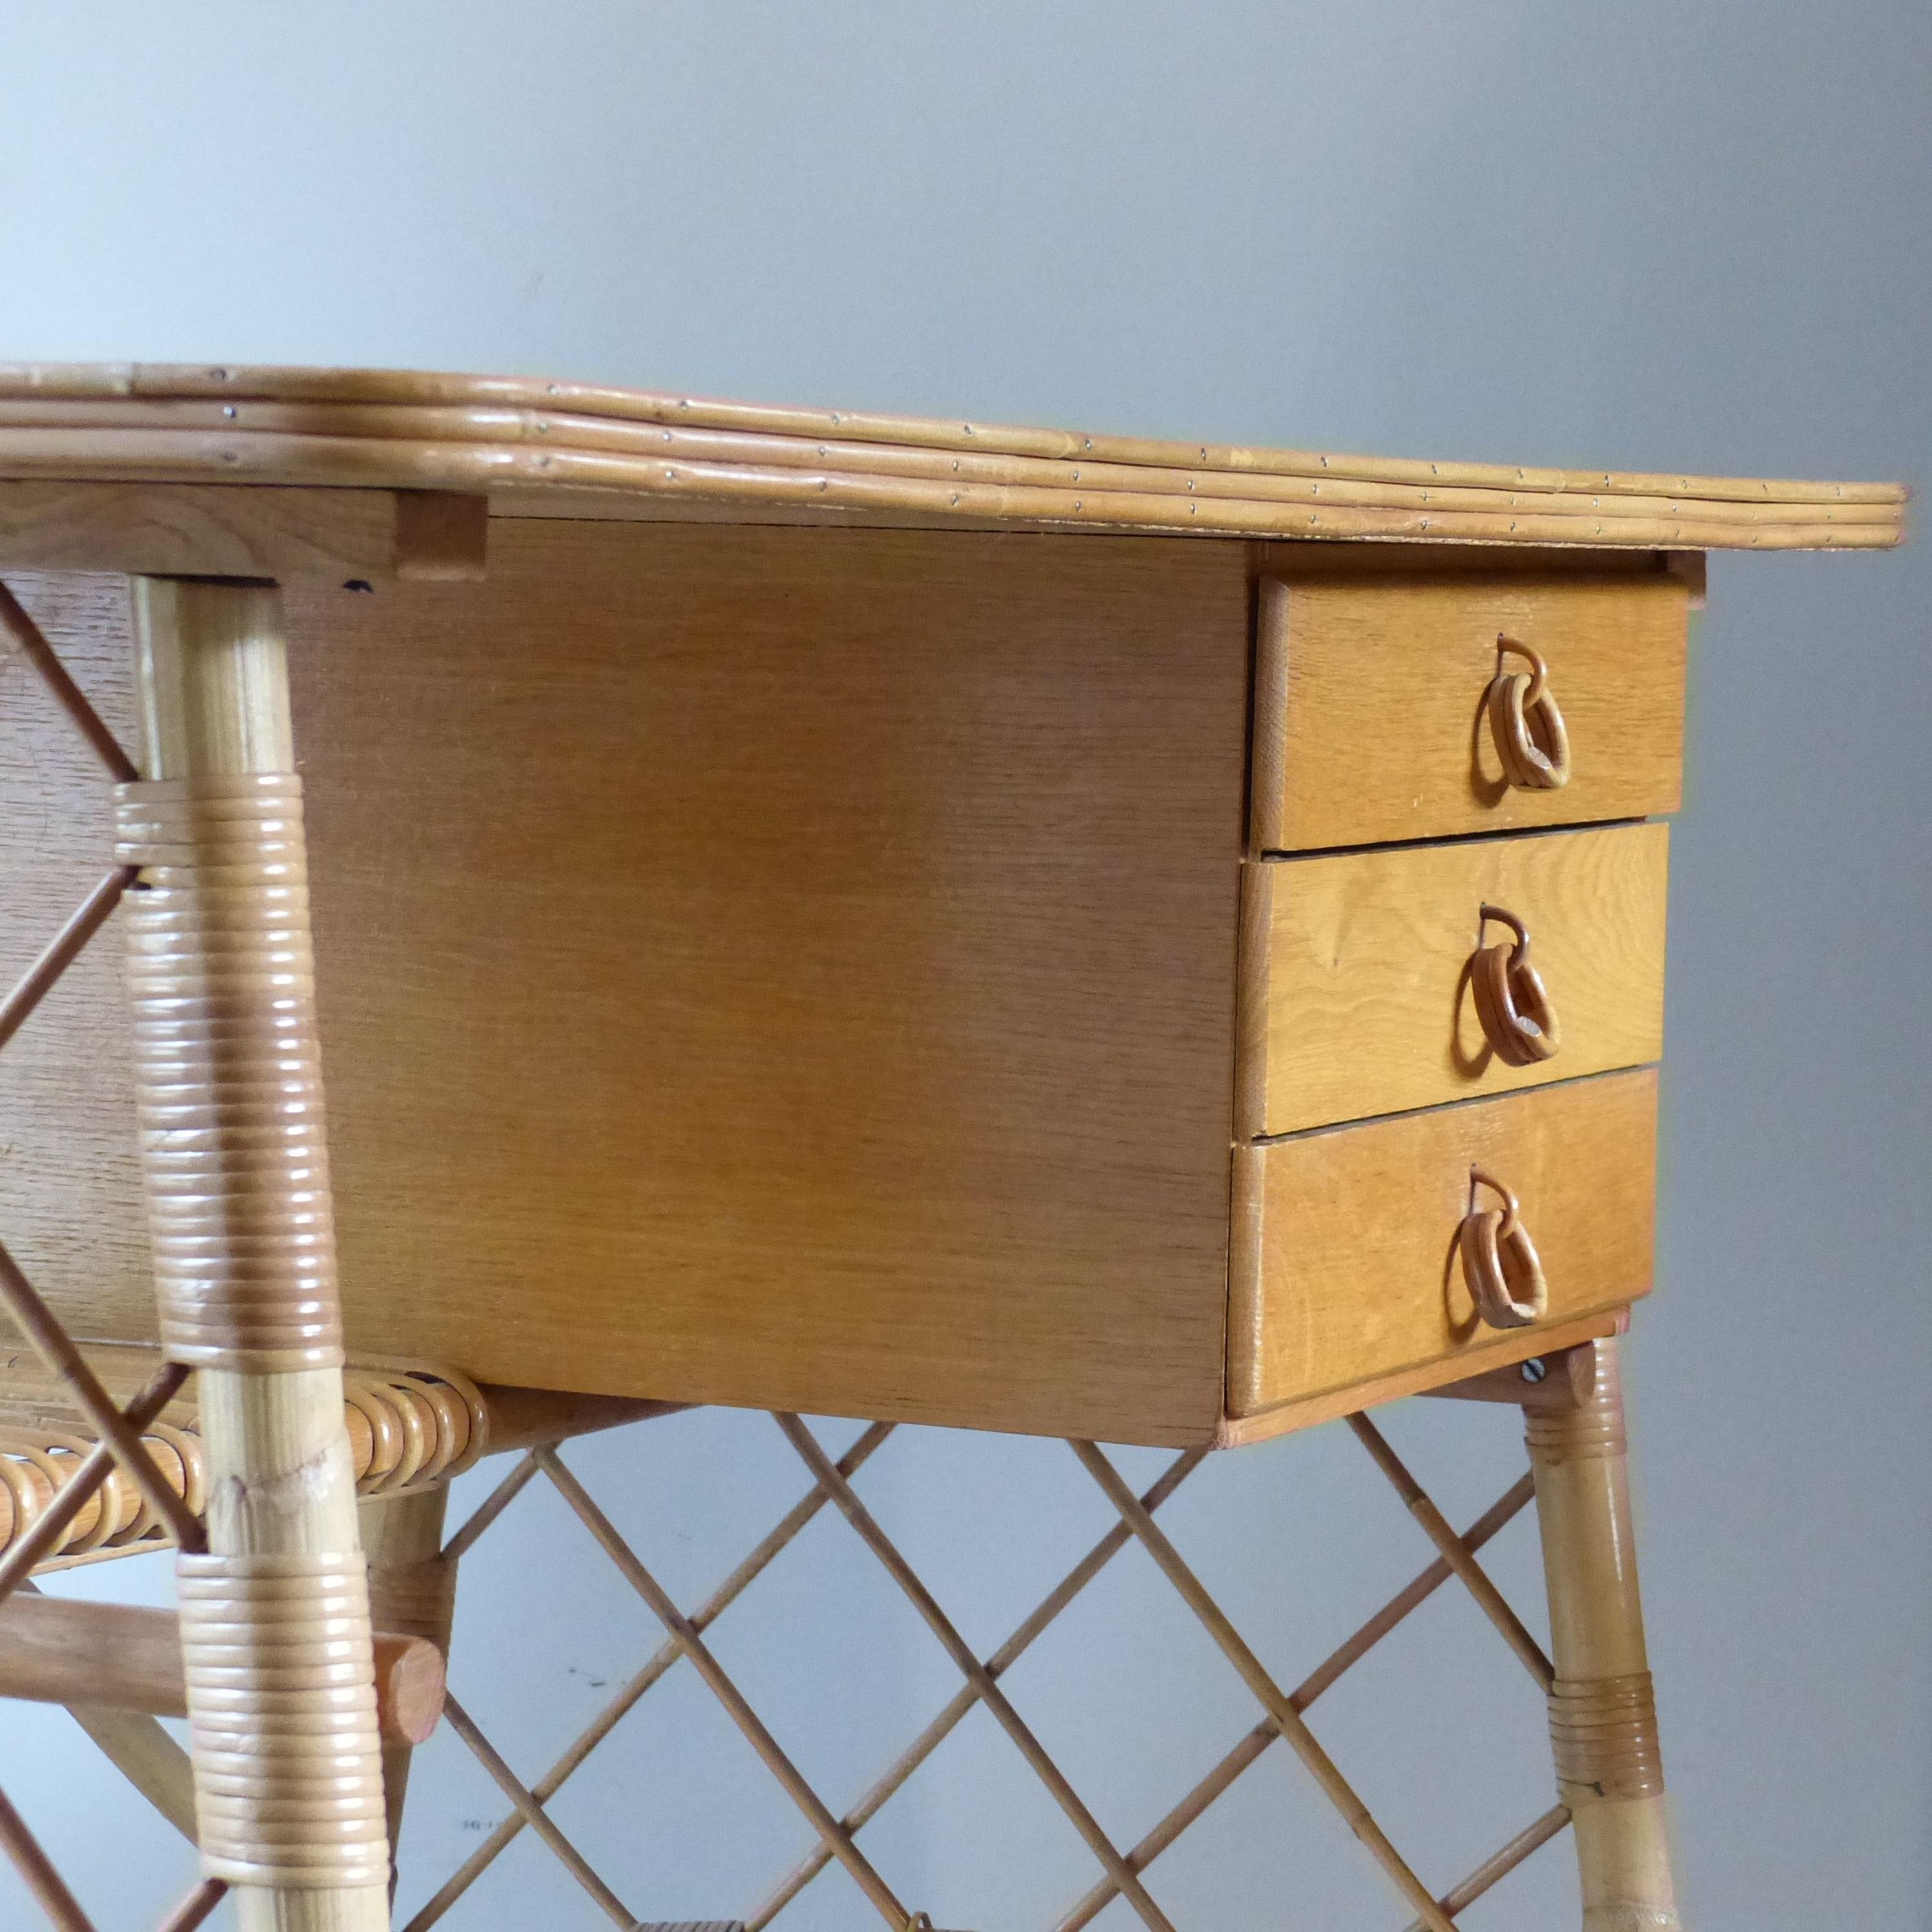 bureau en rotin louis sognot lignedebrocante brocante en ligne chine pour vous meubles. Black Bedroom Furniture Sets. Home Design Ideas